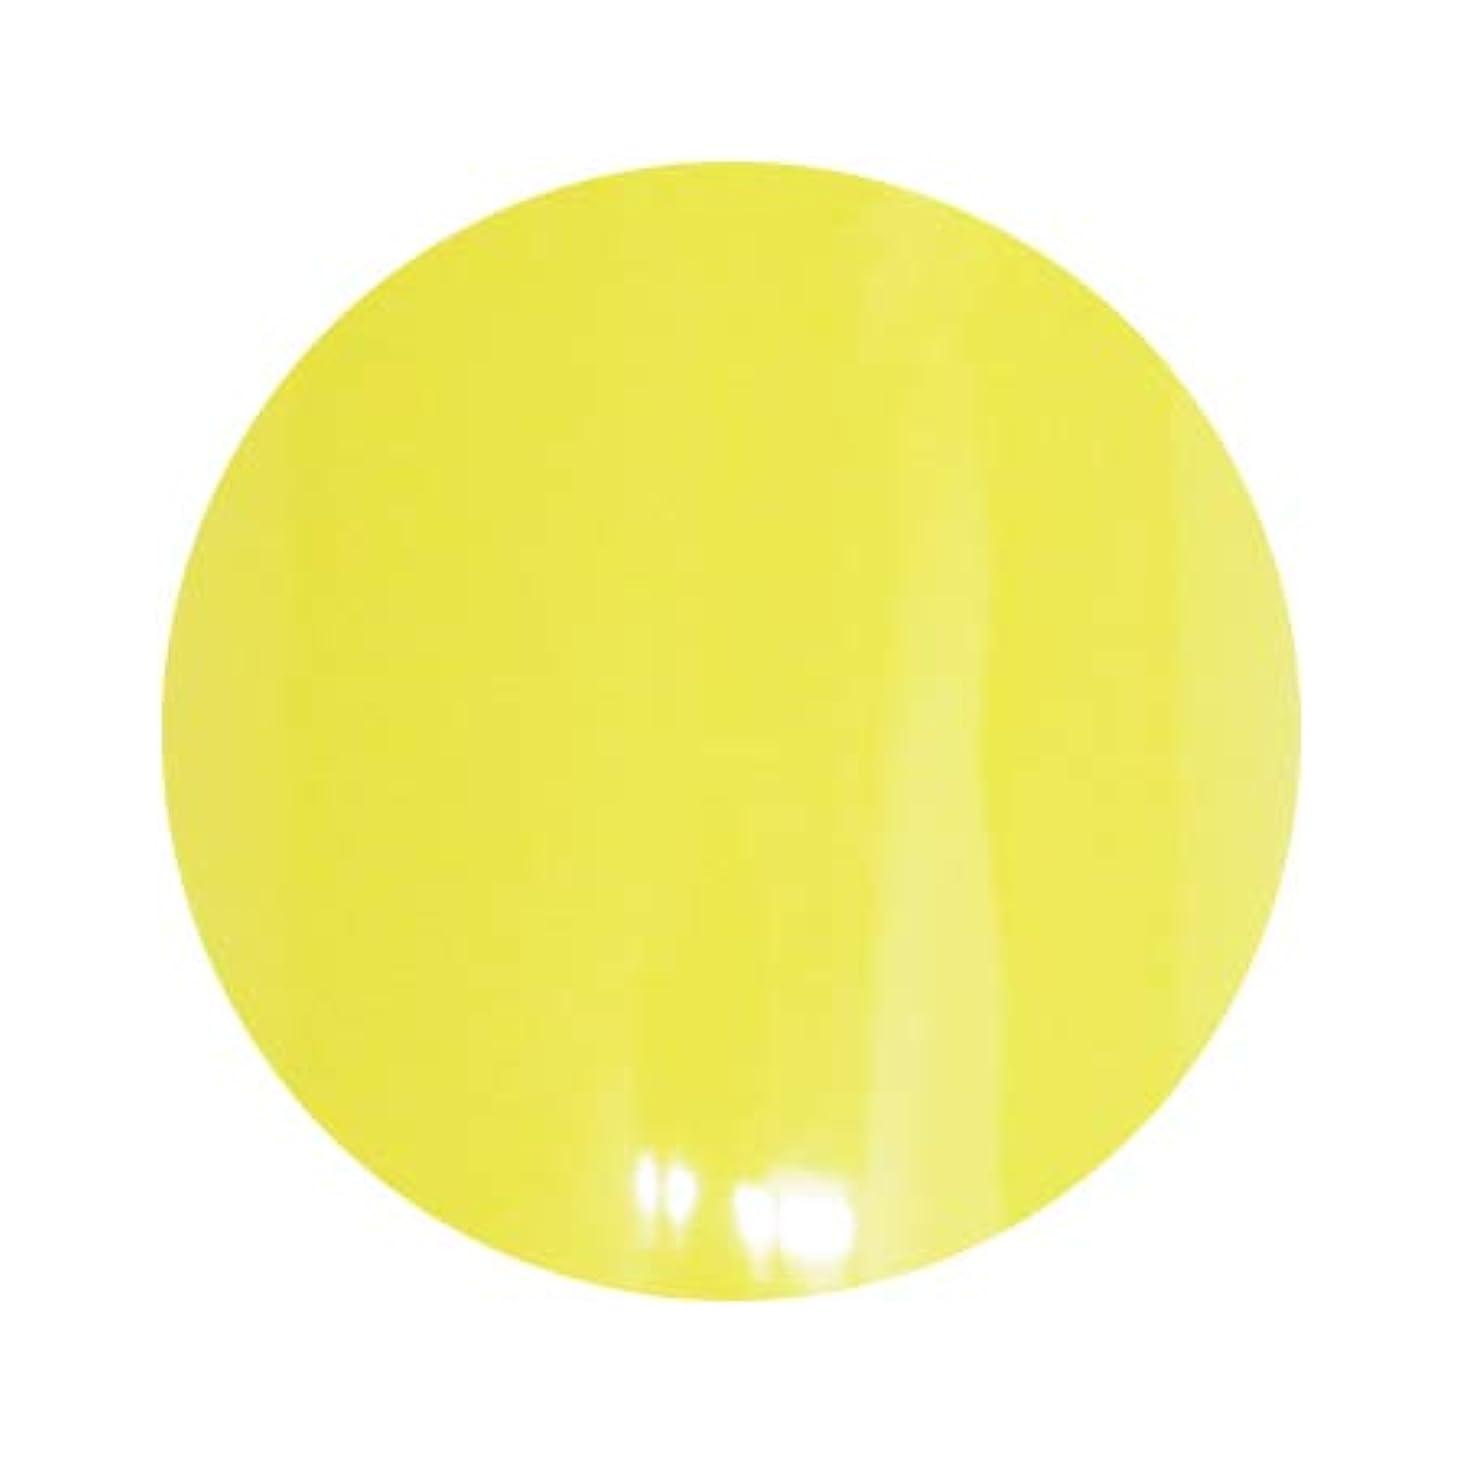 ヒロイン穴ヒューマニスティックLUCU GEL ルクジェル カラー YET01 シトロン 3.5g